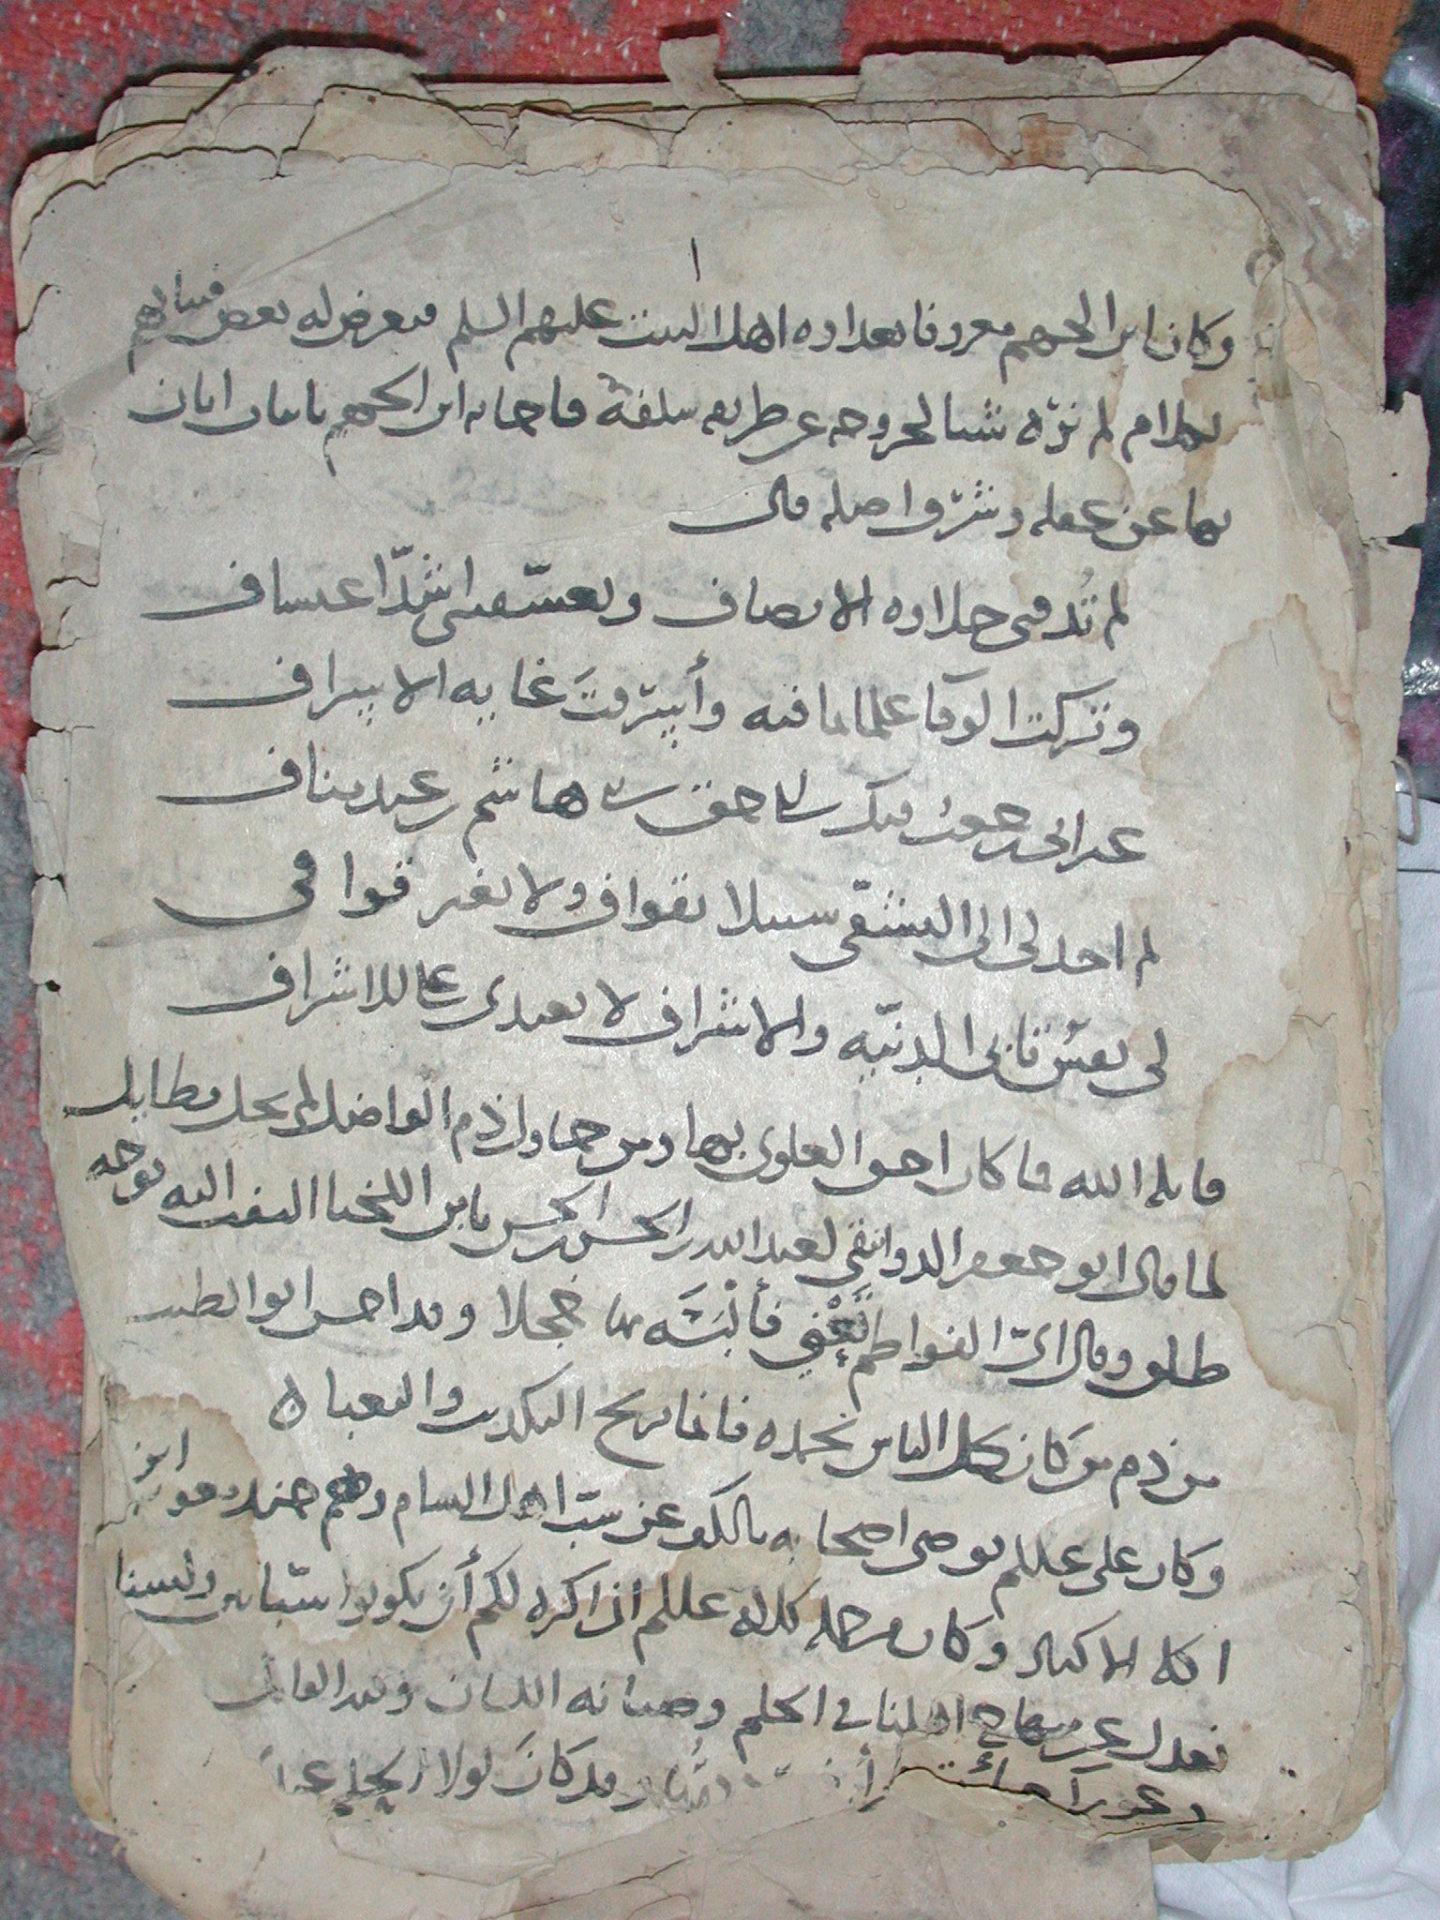 سيرة الإمام المنصور علي بن صلاح الدين محمد